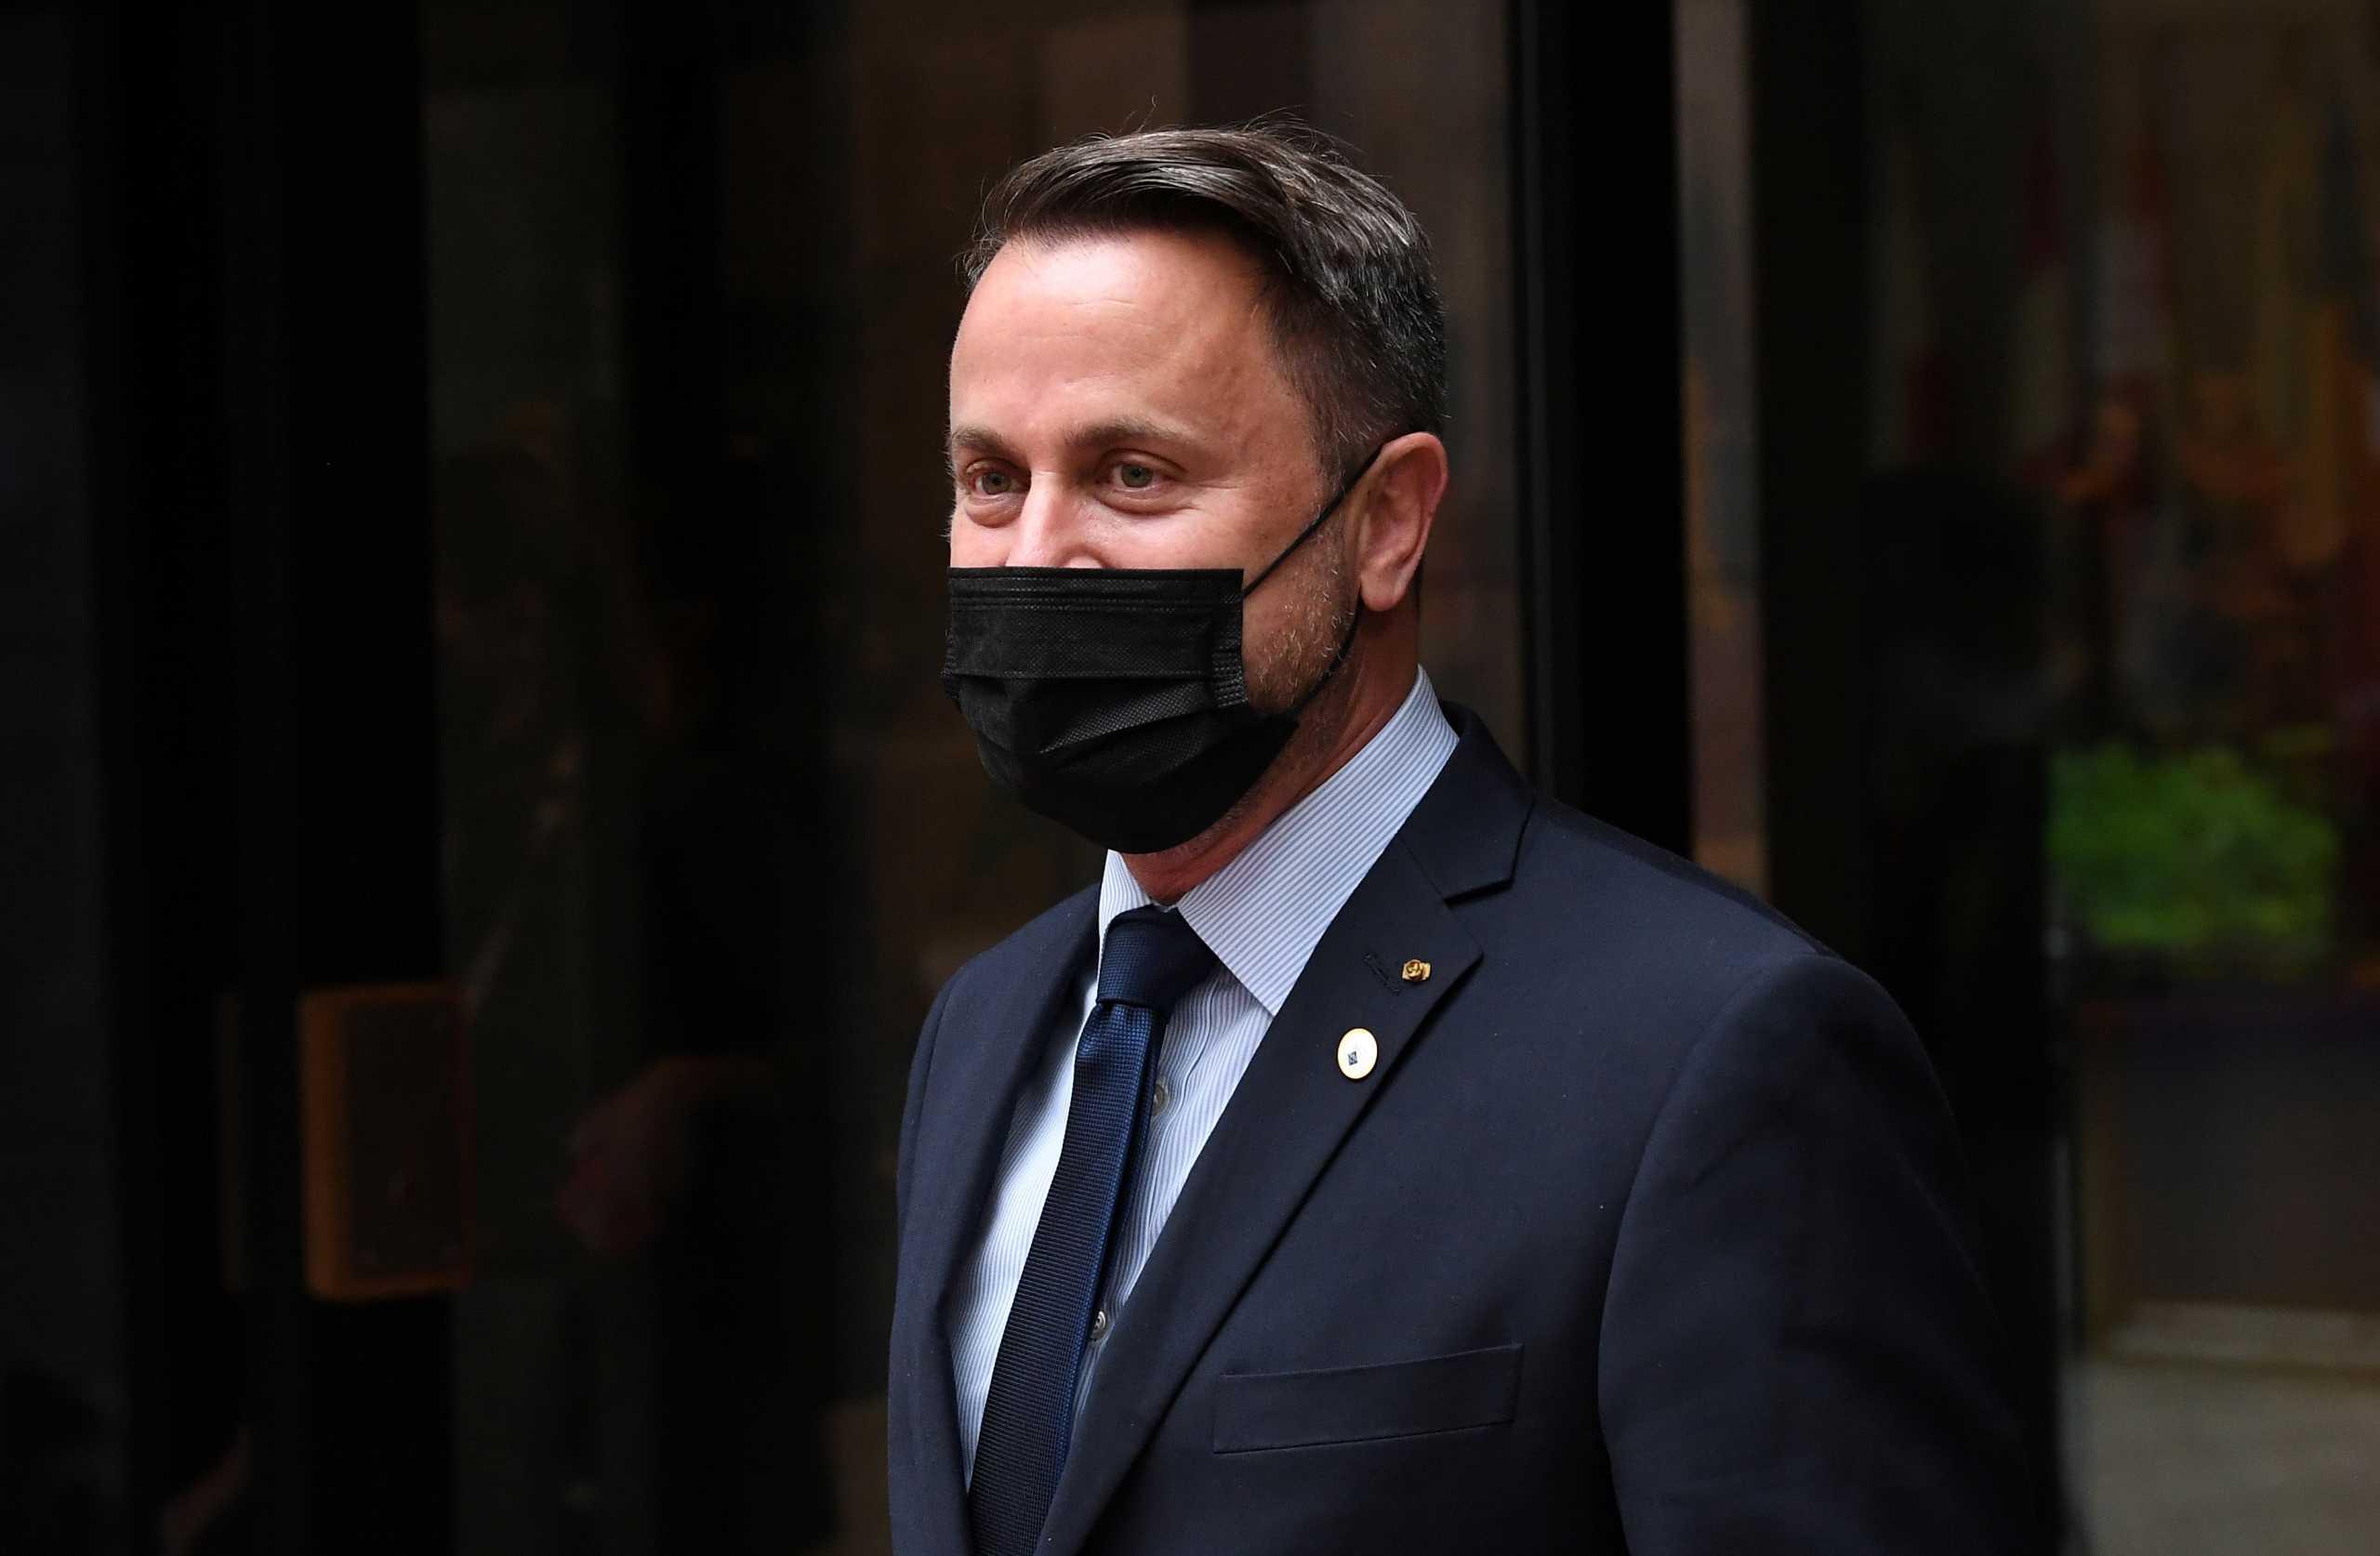 Λουξεμβούργο: Μάχη με τον κορονοϊό για τον πρωθυπουργό – «Σοβαρή αλλά σταθερή η κατάσταση του»